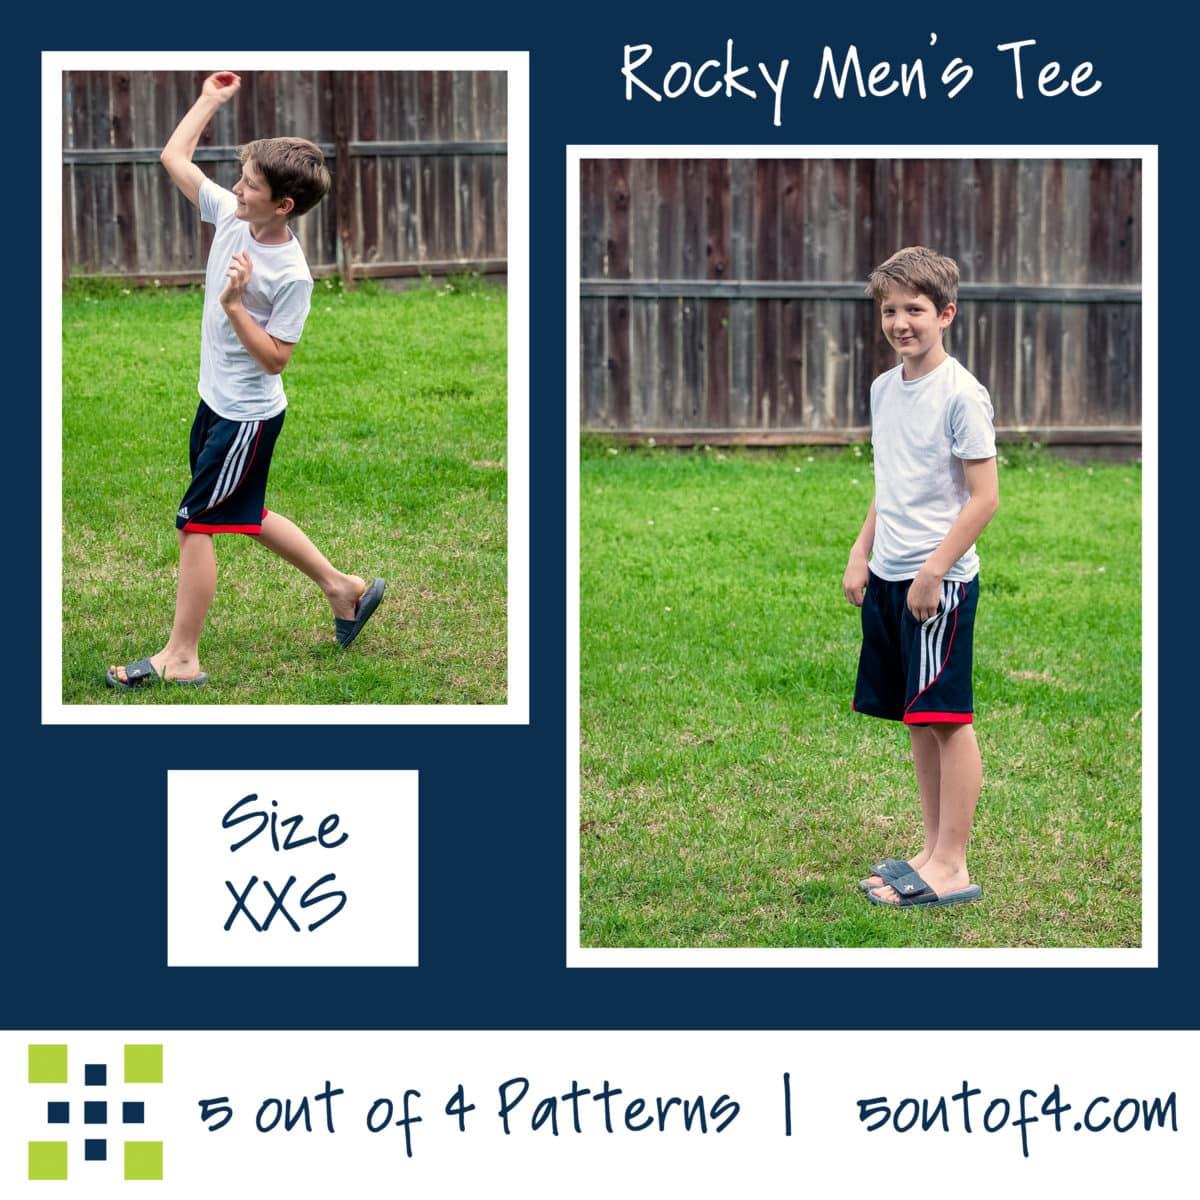 5oo4 Men's Rocky Semi-fitted Tee sz XXS short sleeves